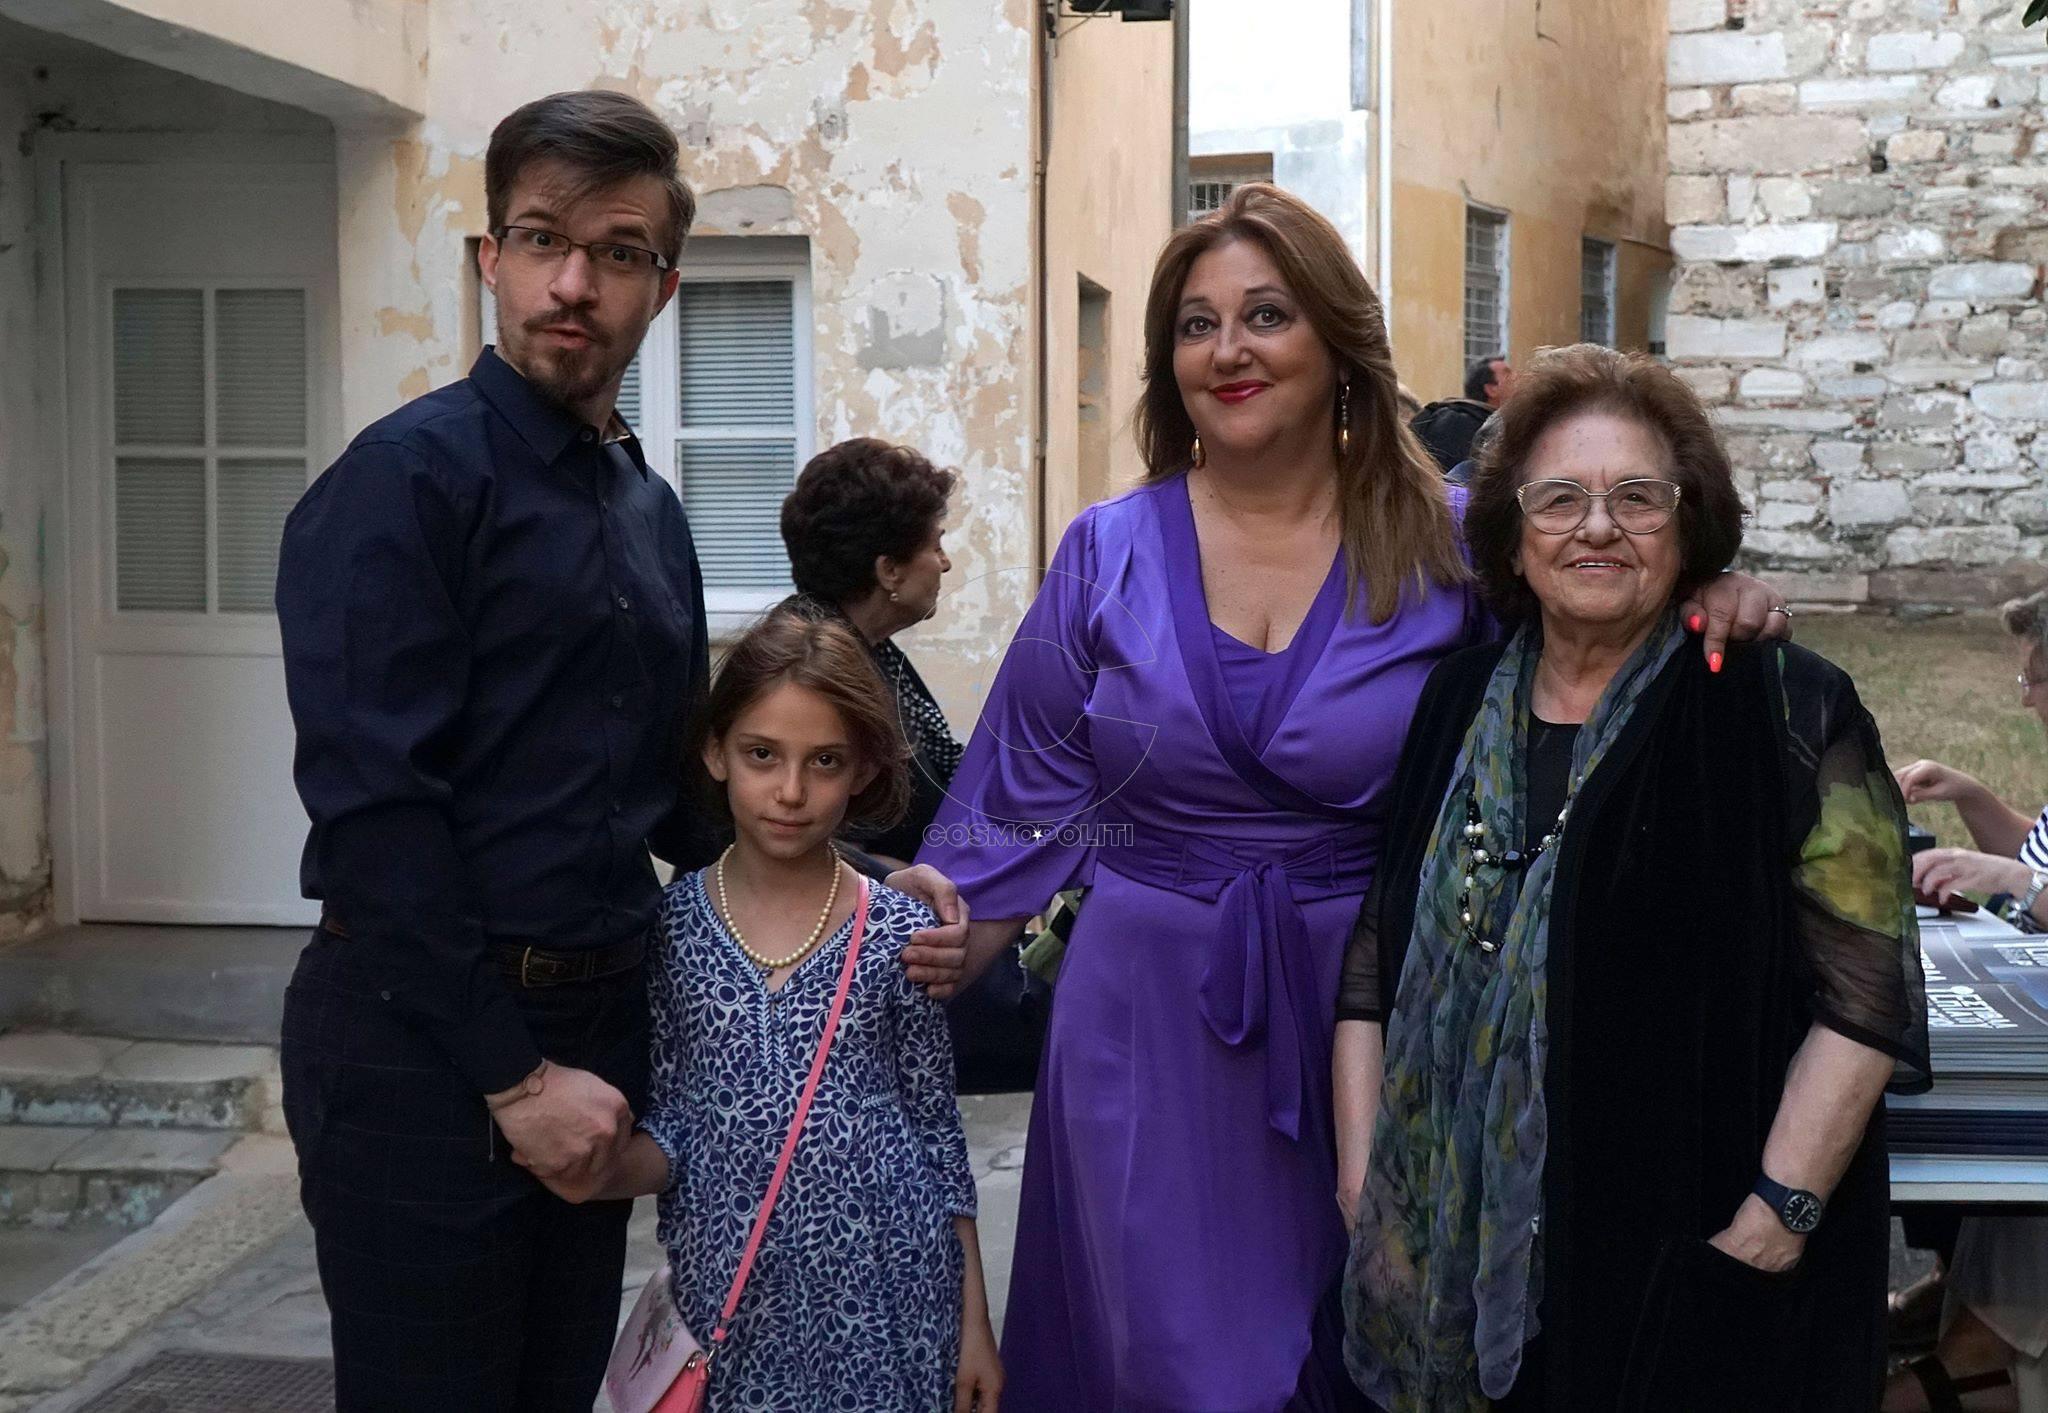 Αθανάσιος Κολαλάς, Άννα Μυκωνίου, Ιωάννα Μανωλεδάκη